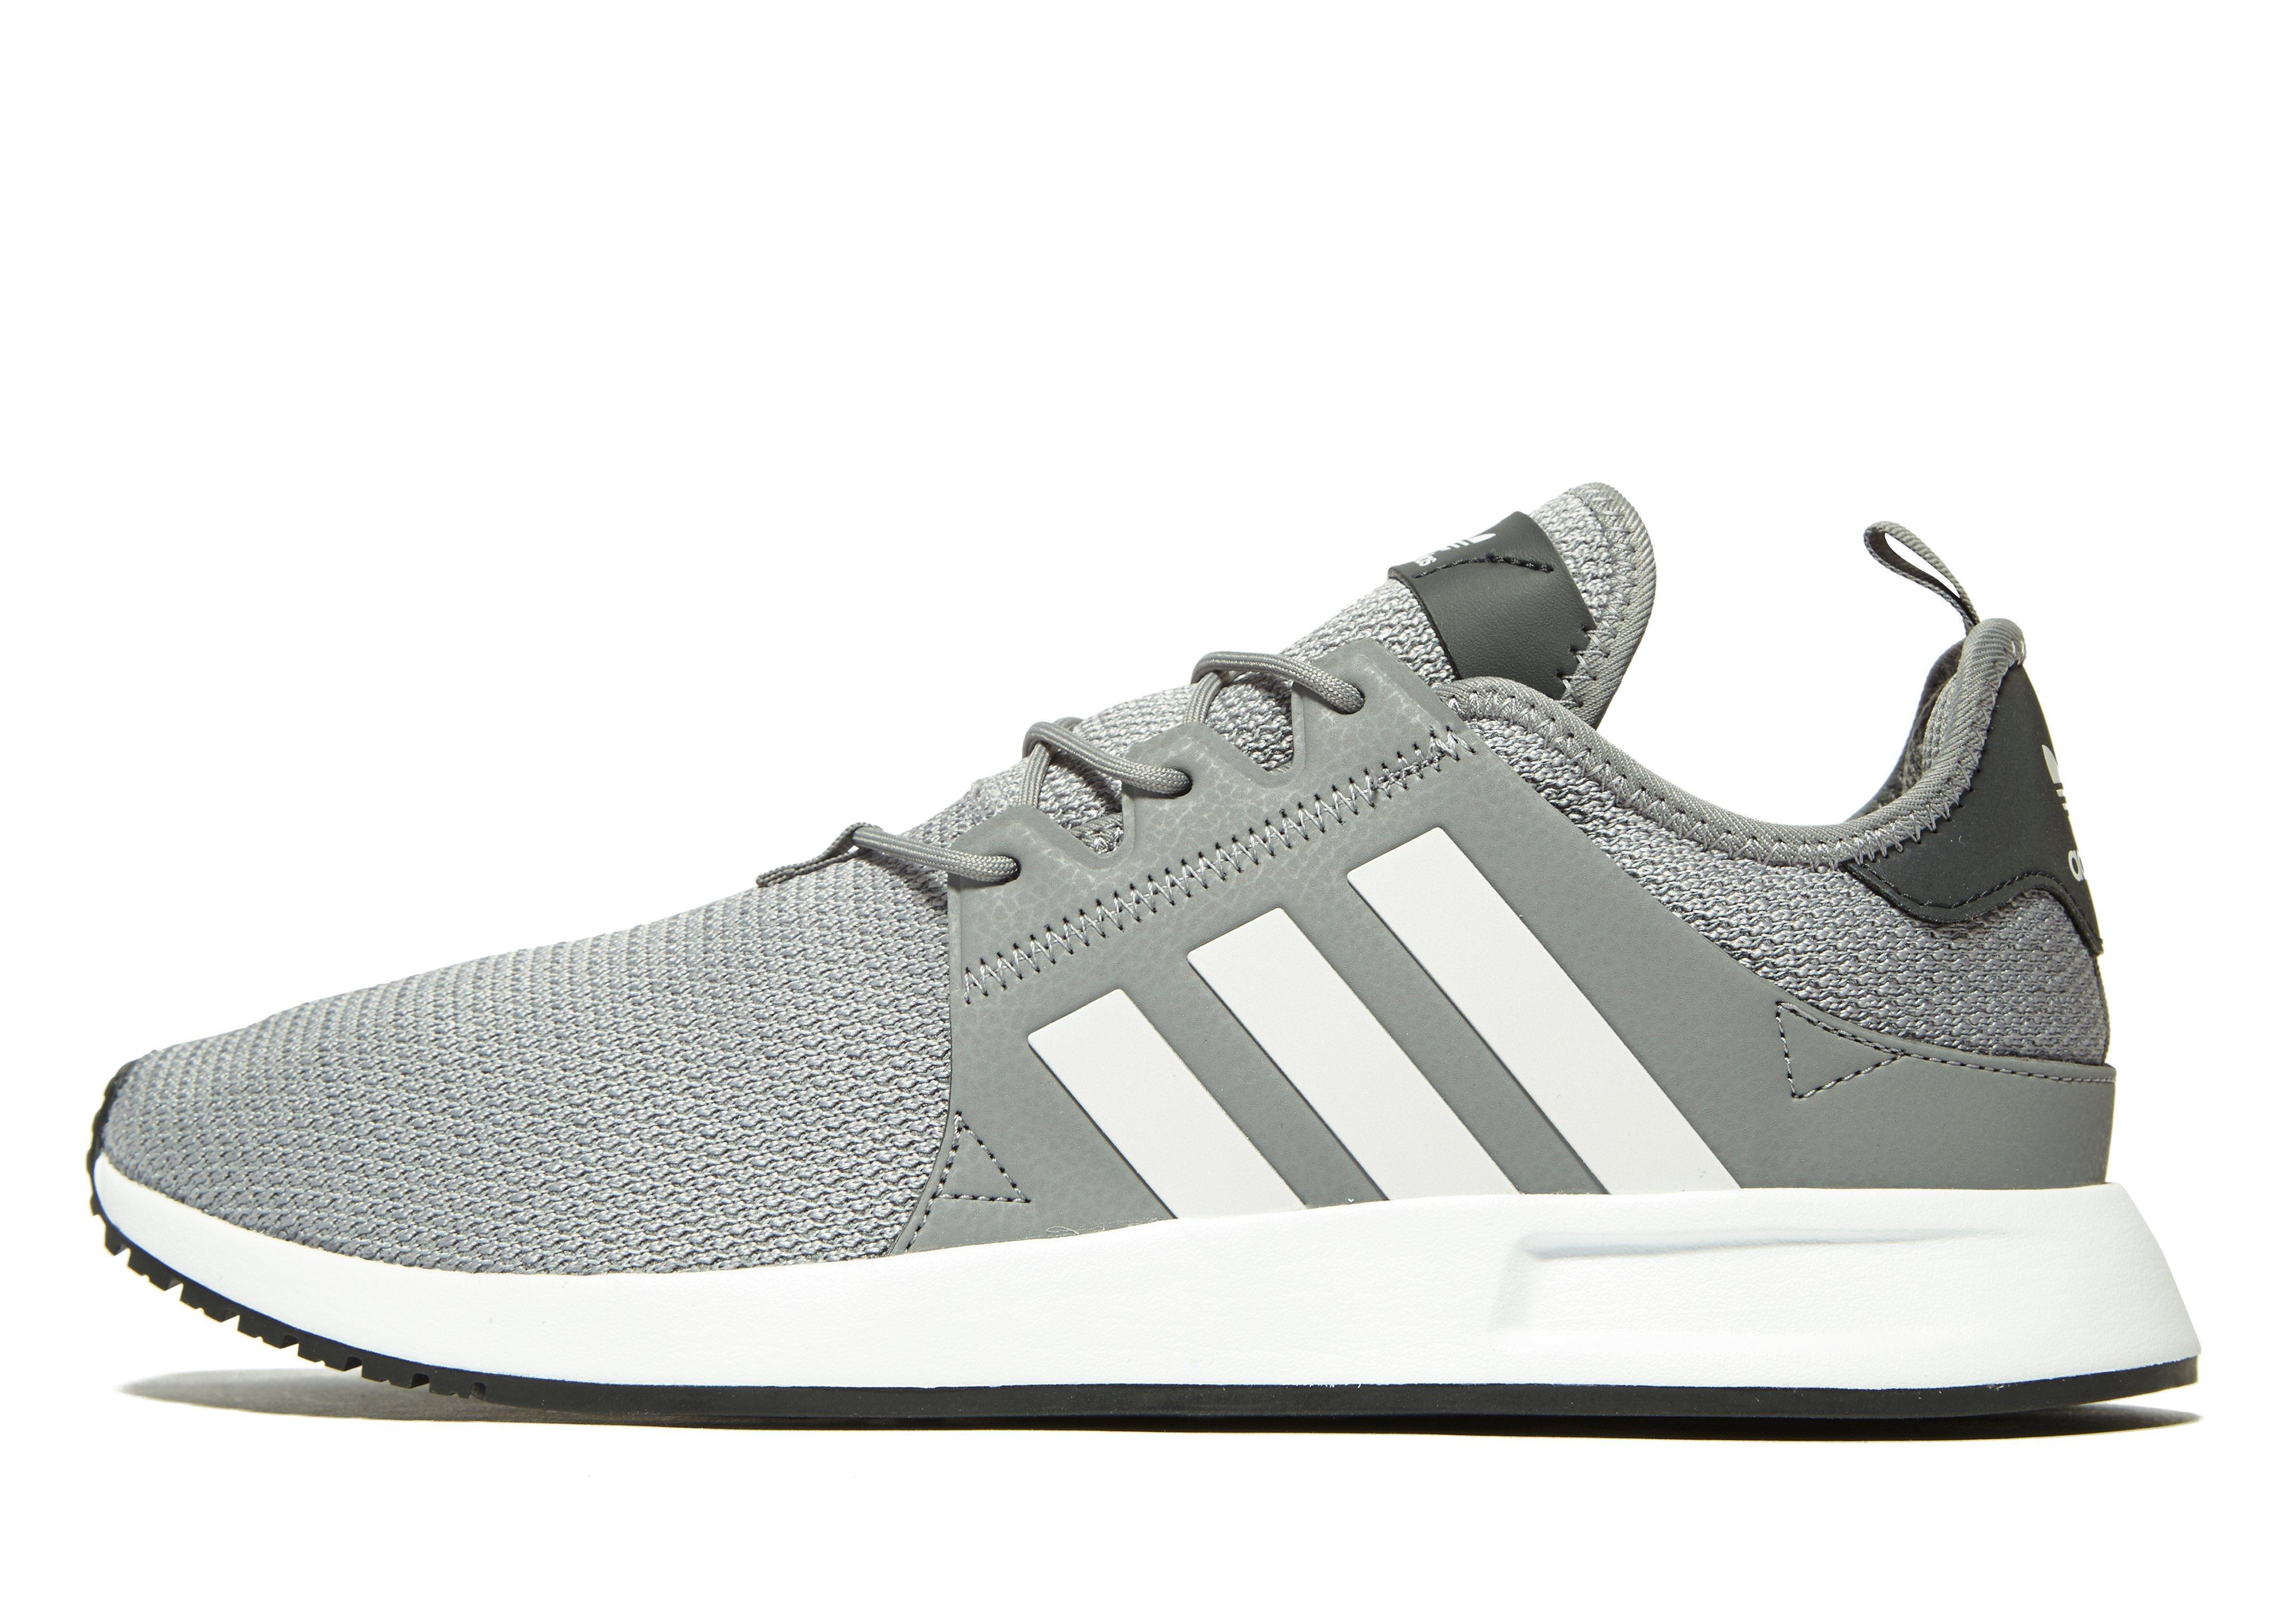 adidas Originals Rubber Xplr in Grey